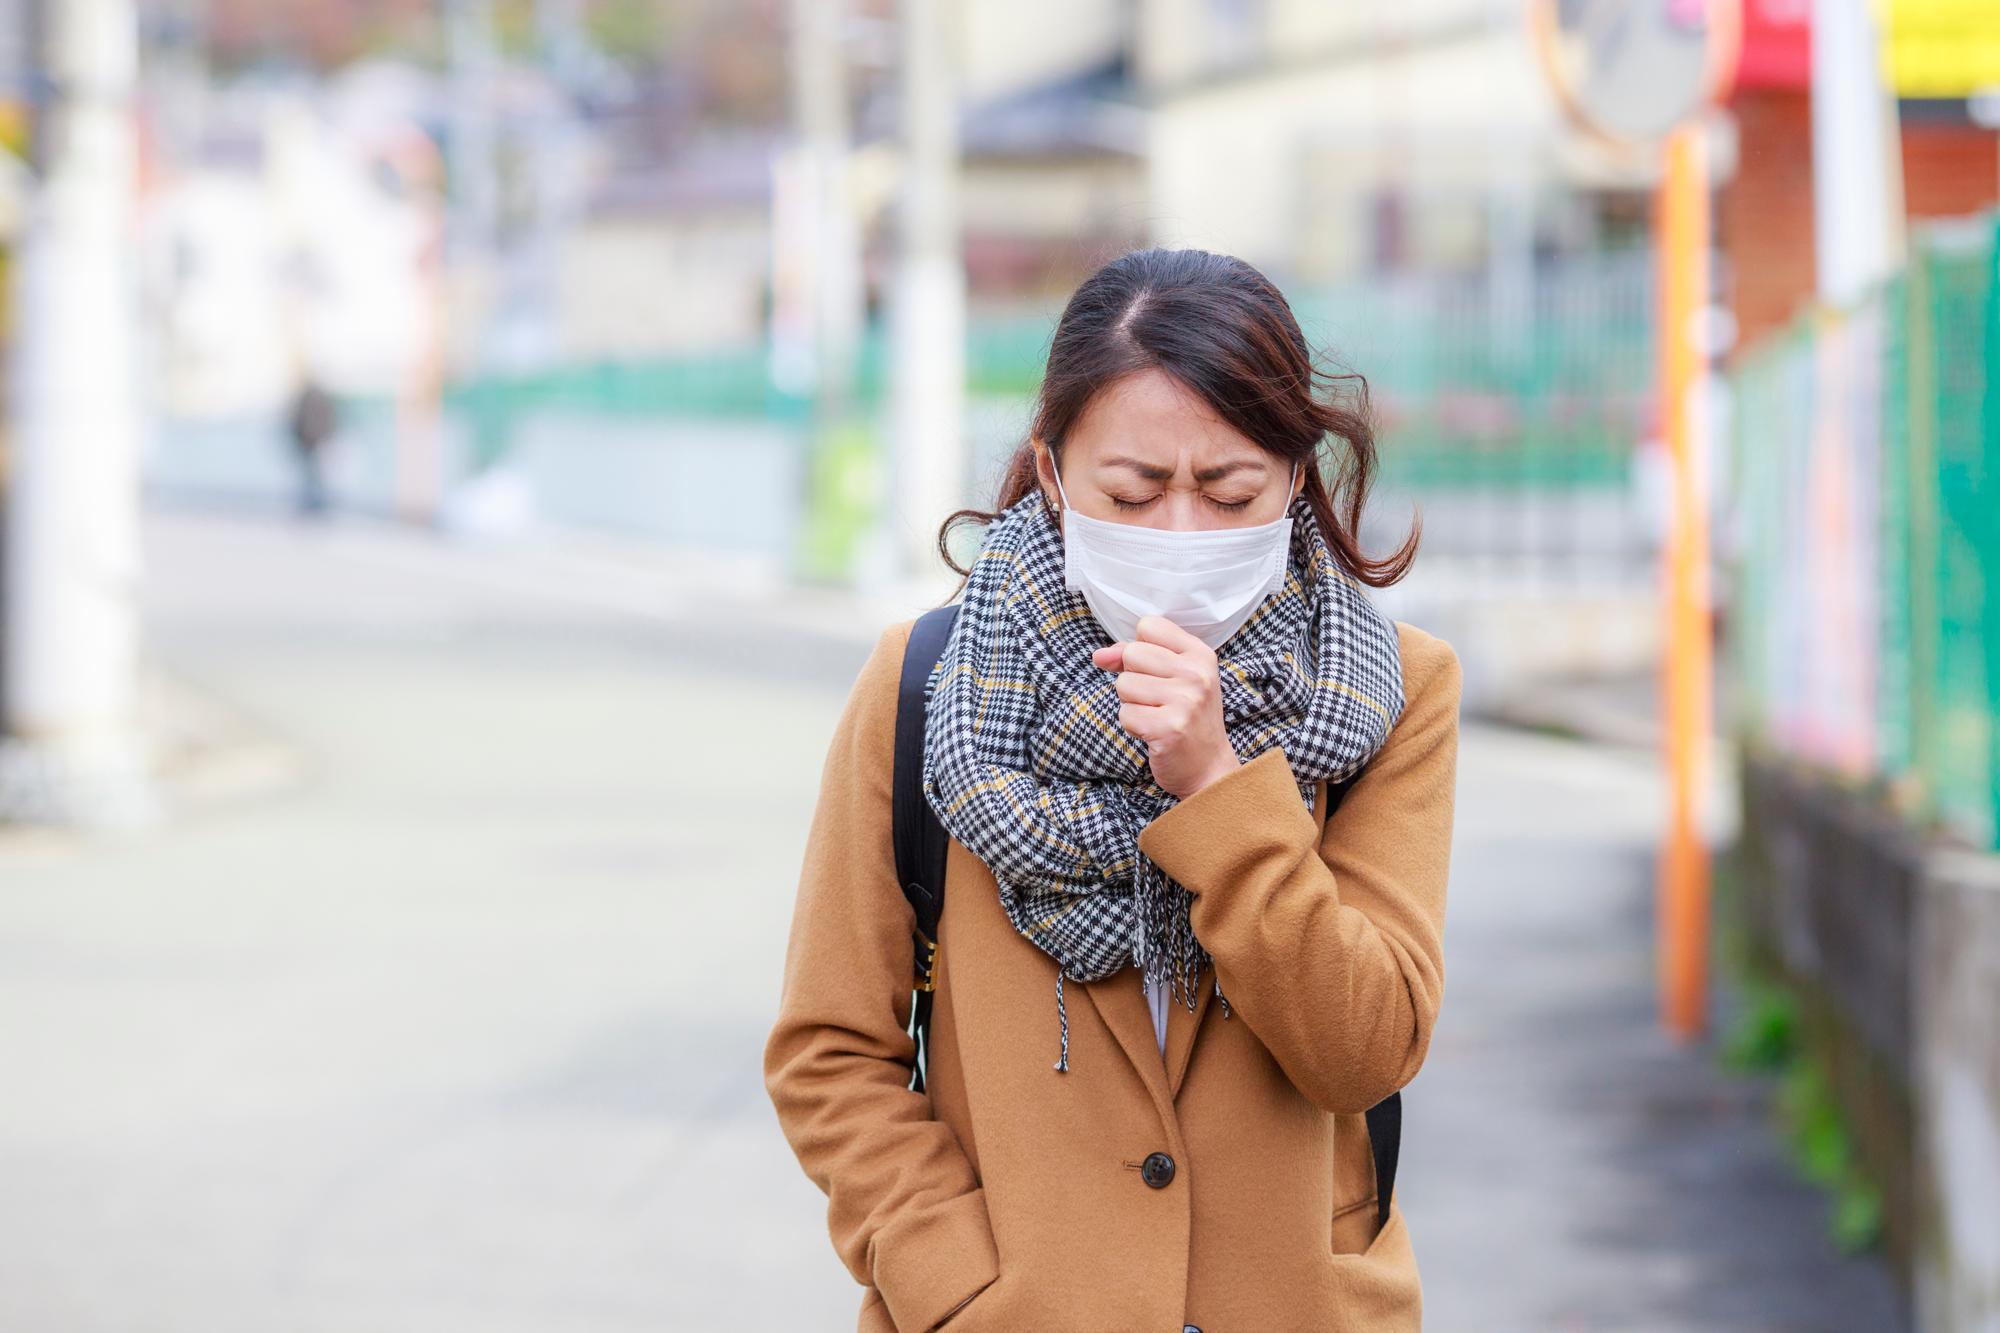 インフルエンザ流行のイメージ